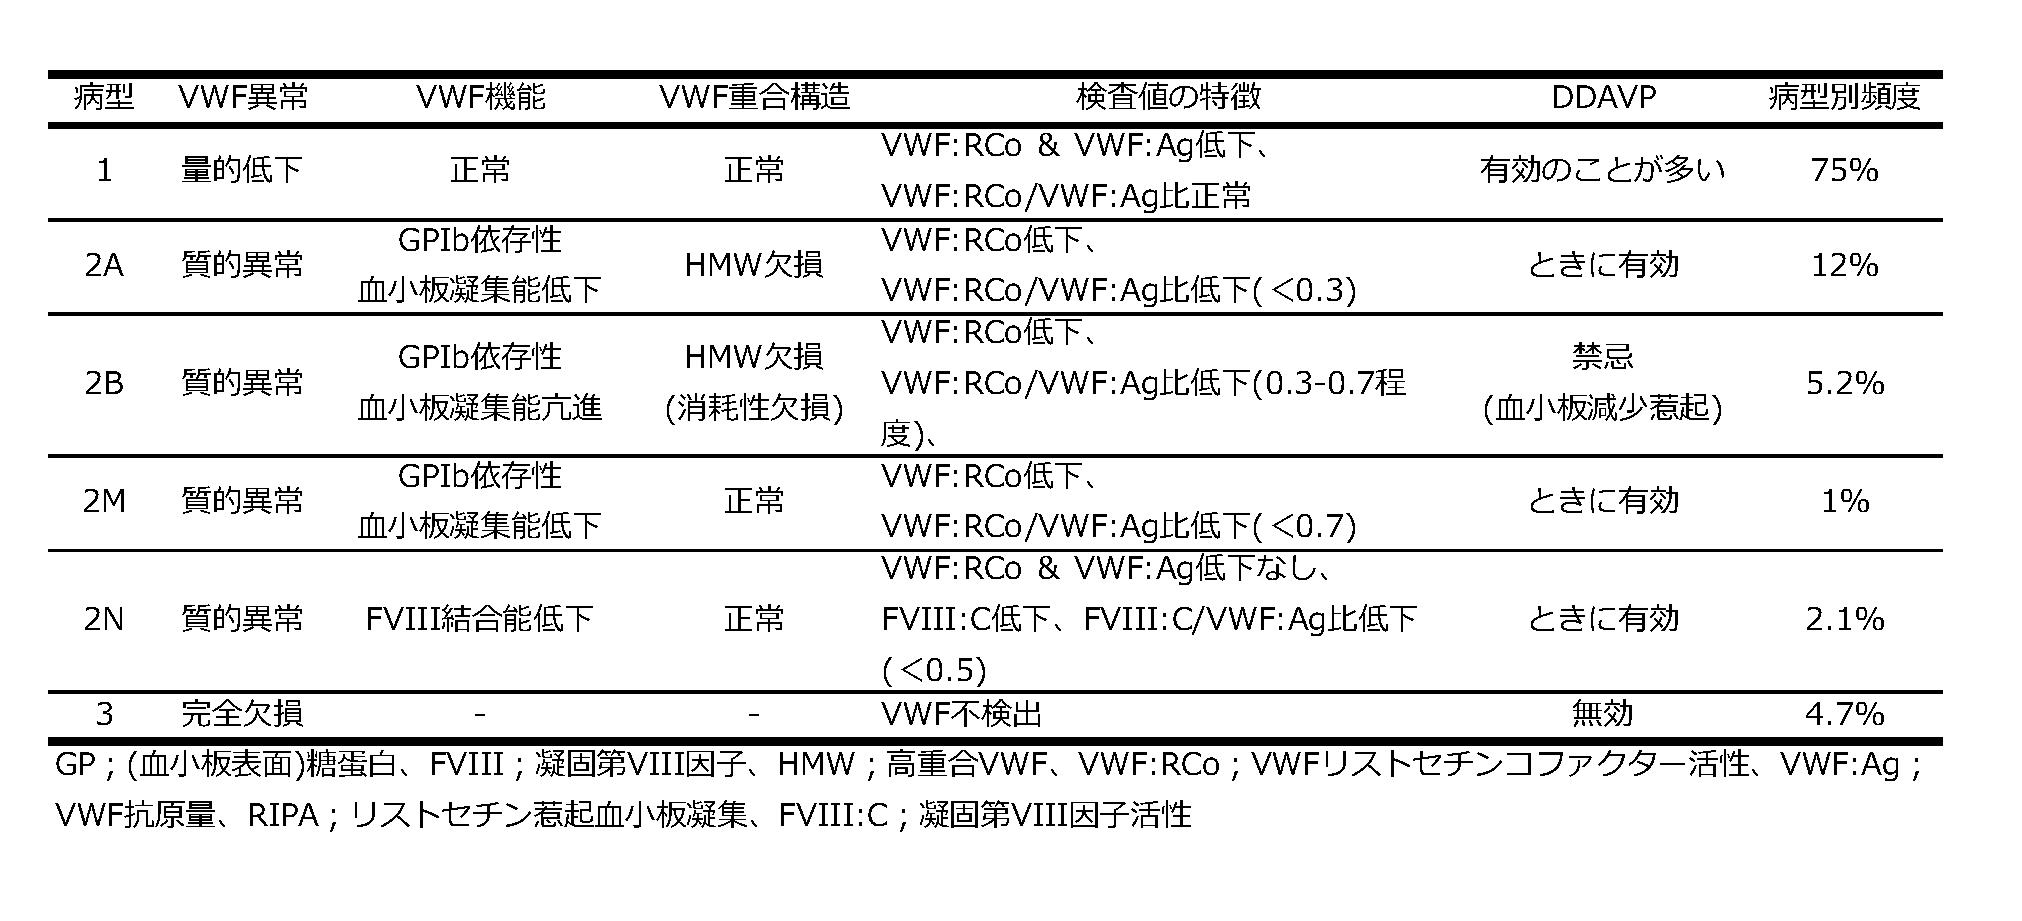 表:von Willebrand病の分類